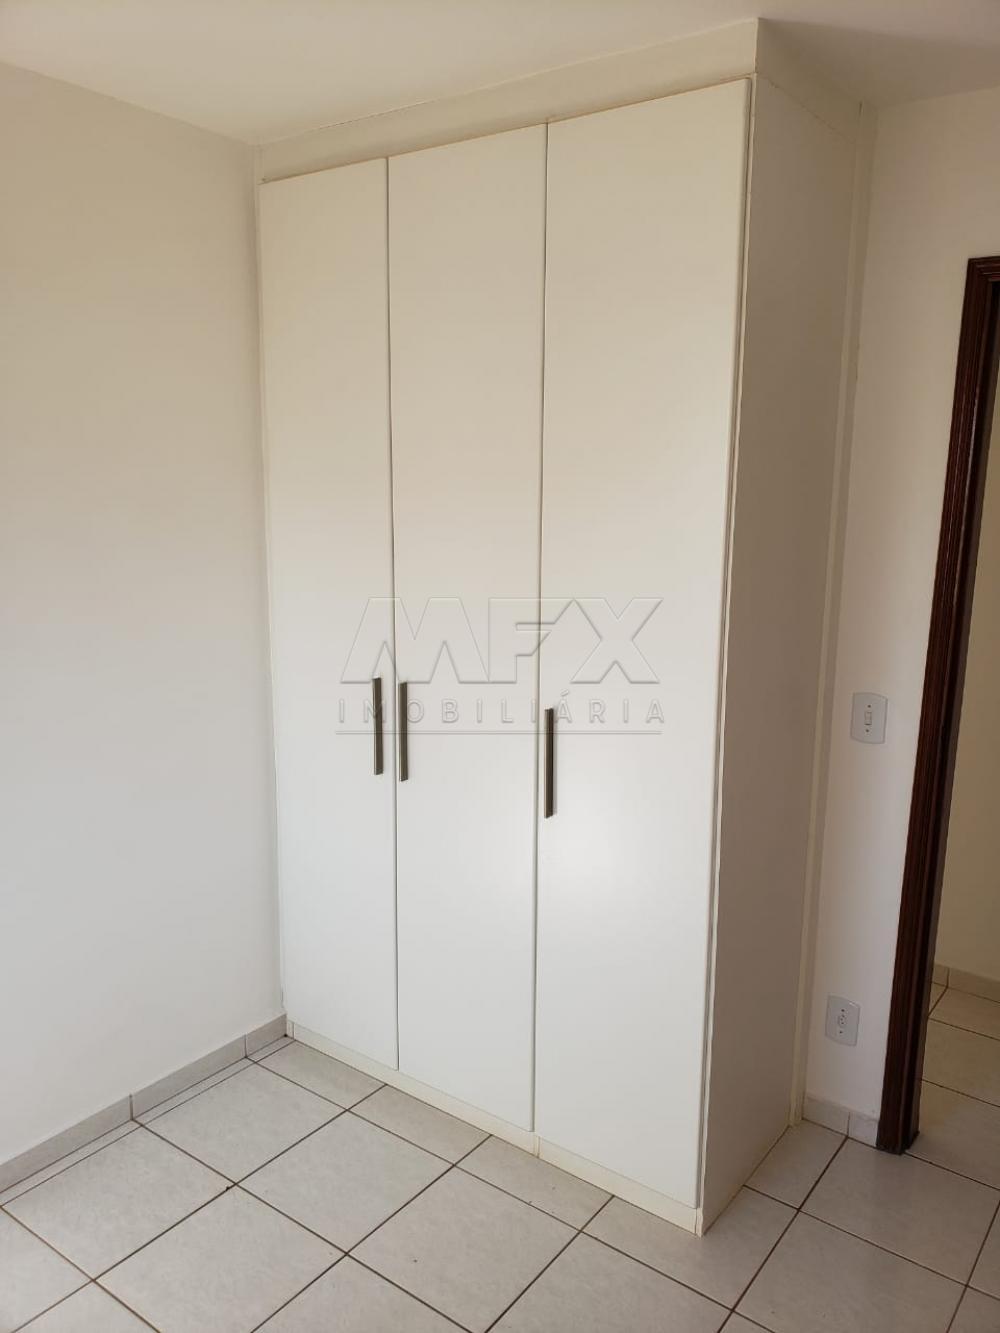 Alugar Apartamento / Padrão em Bauru R$ 1.000,00 - Foto 5